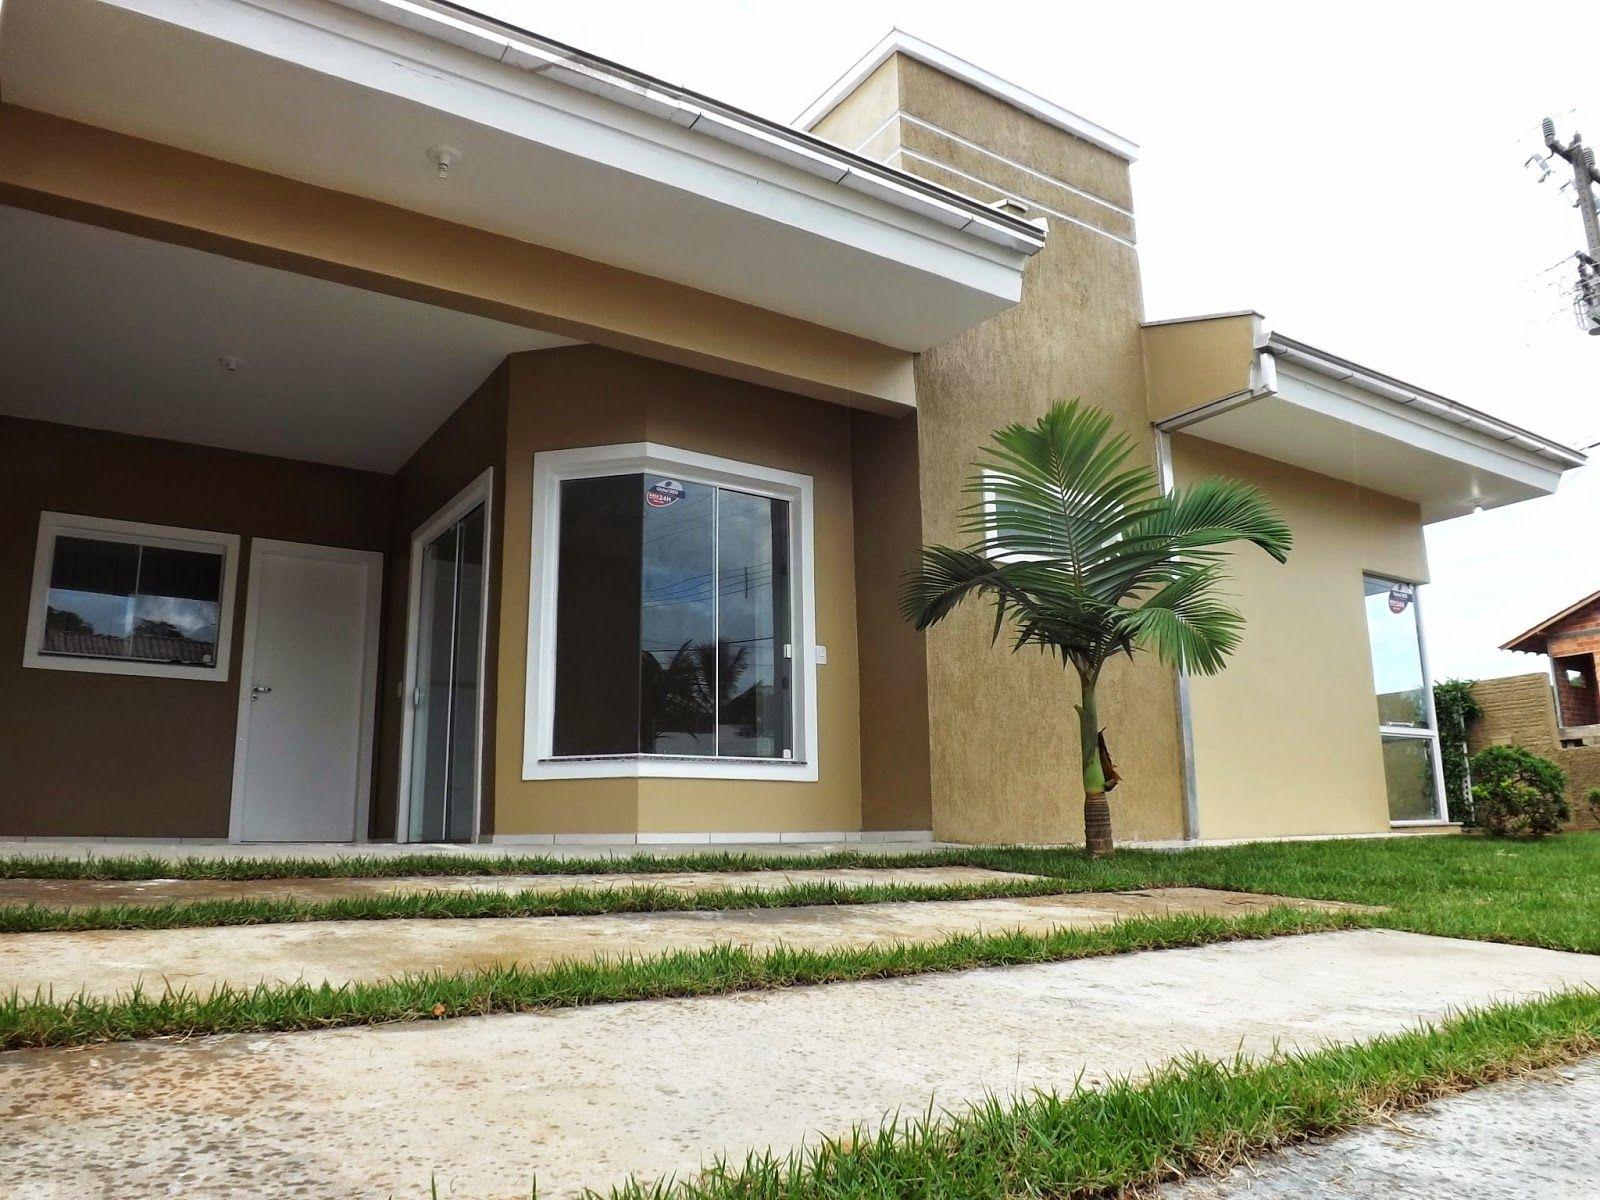 Casa com fachadas pintadas com textura pesquisa google - Fachadas de casas pintadas ...